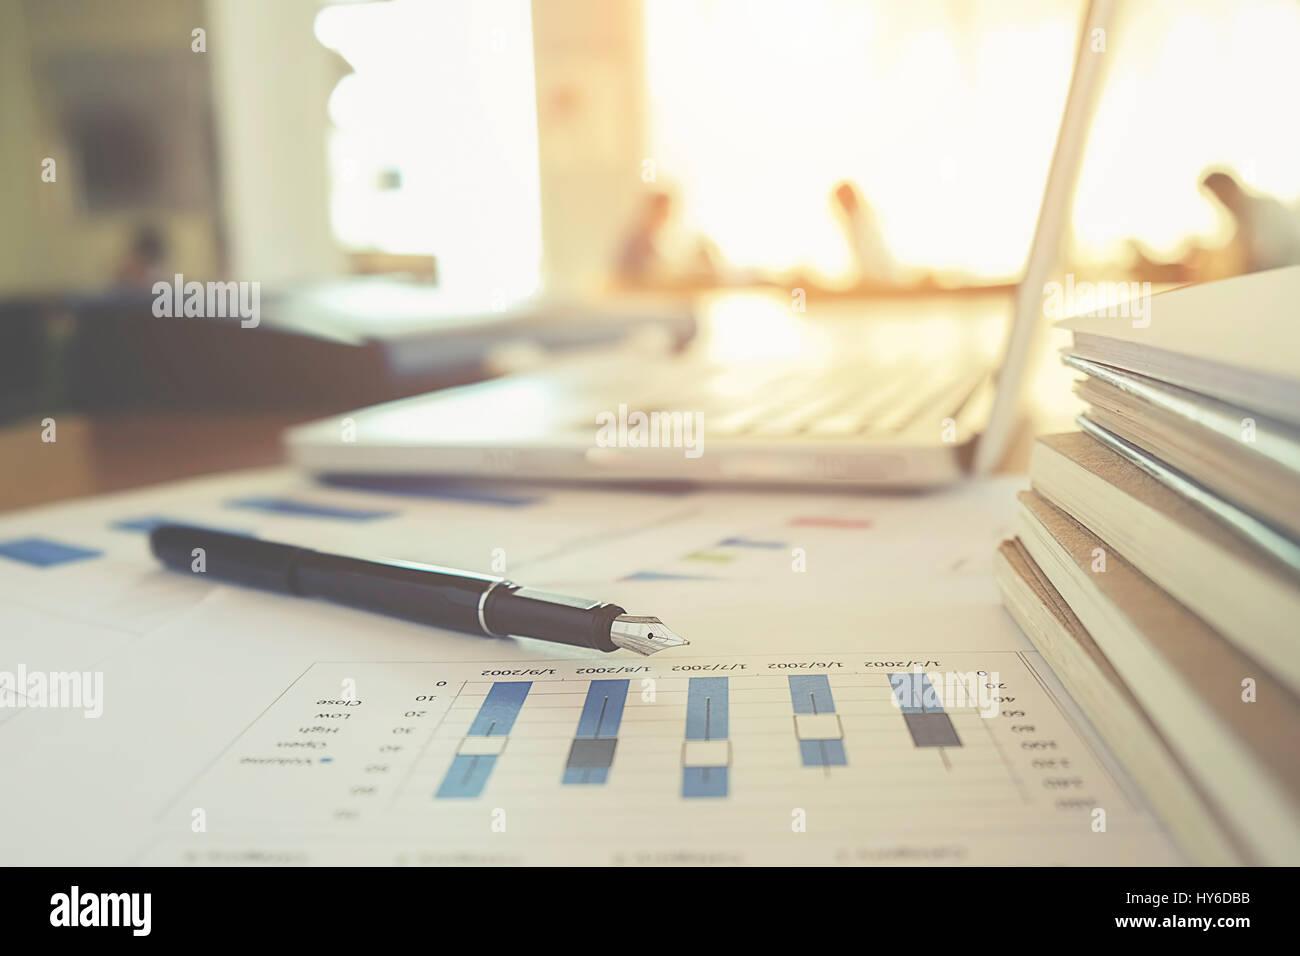 Il concetto di business con copia spazio. Scrivania da ufficio tabella con penna focus e grafico analisi, computer, Immagini Stock